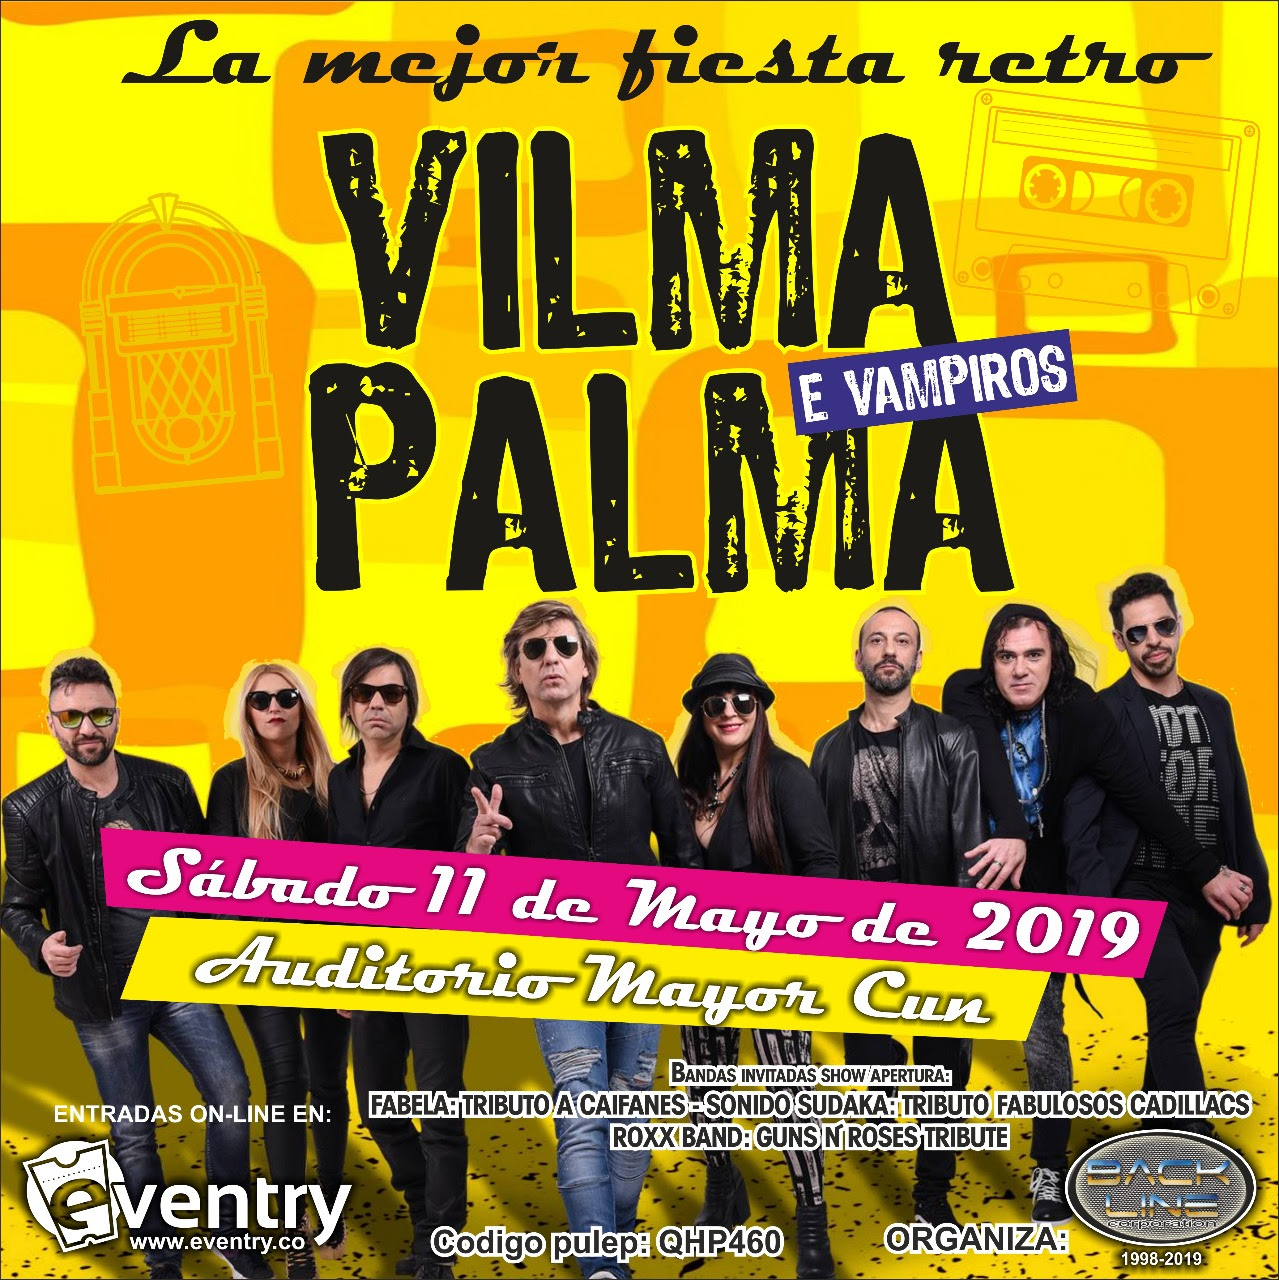 VILMA PALMA E VAMPIROS en Colombia